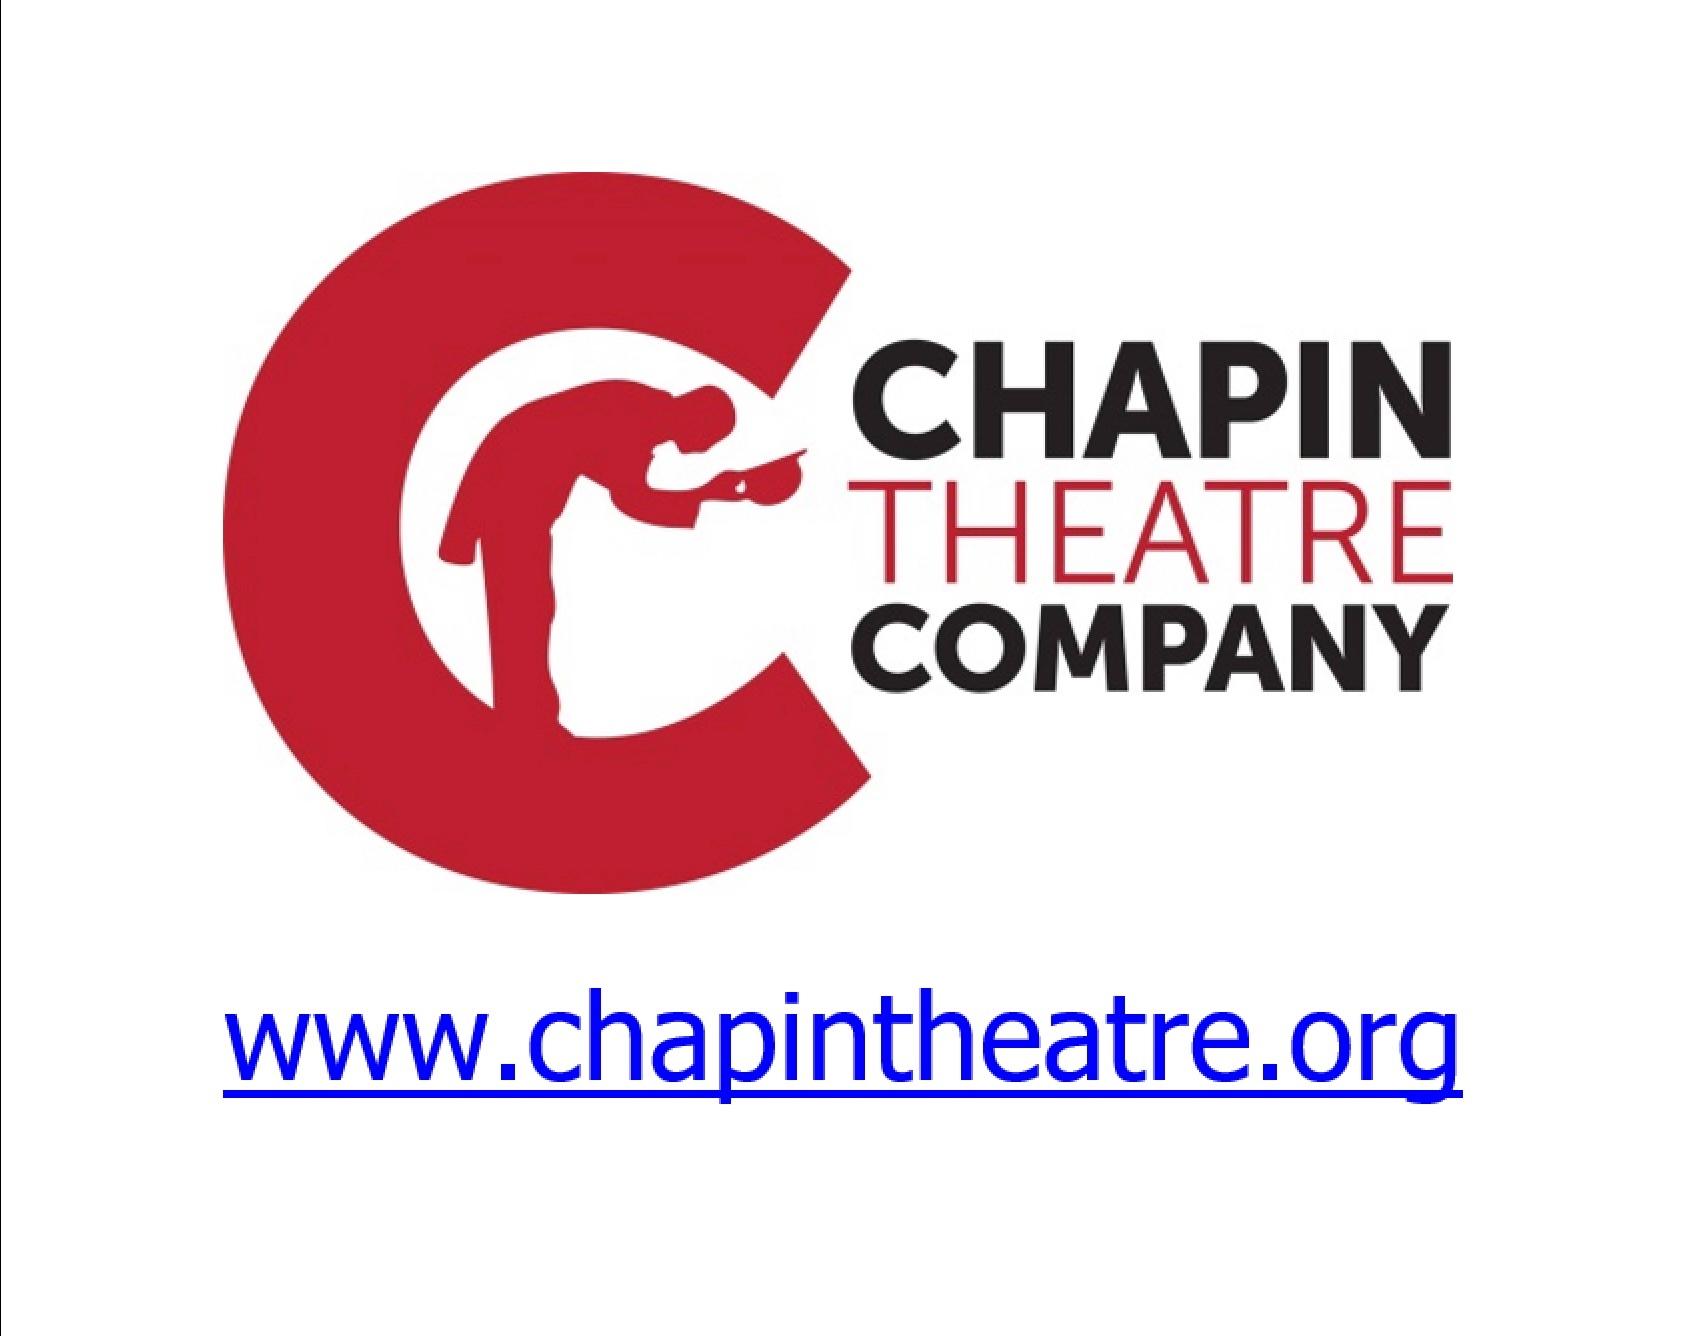 Chapin Theatre Company